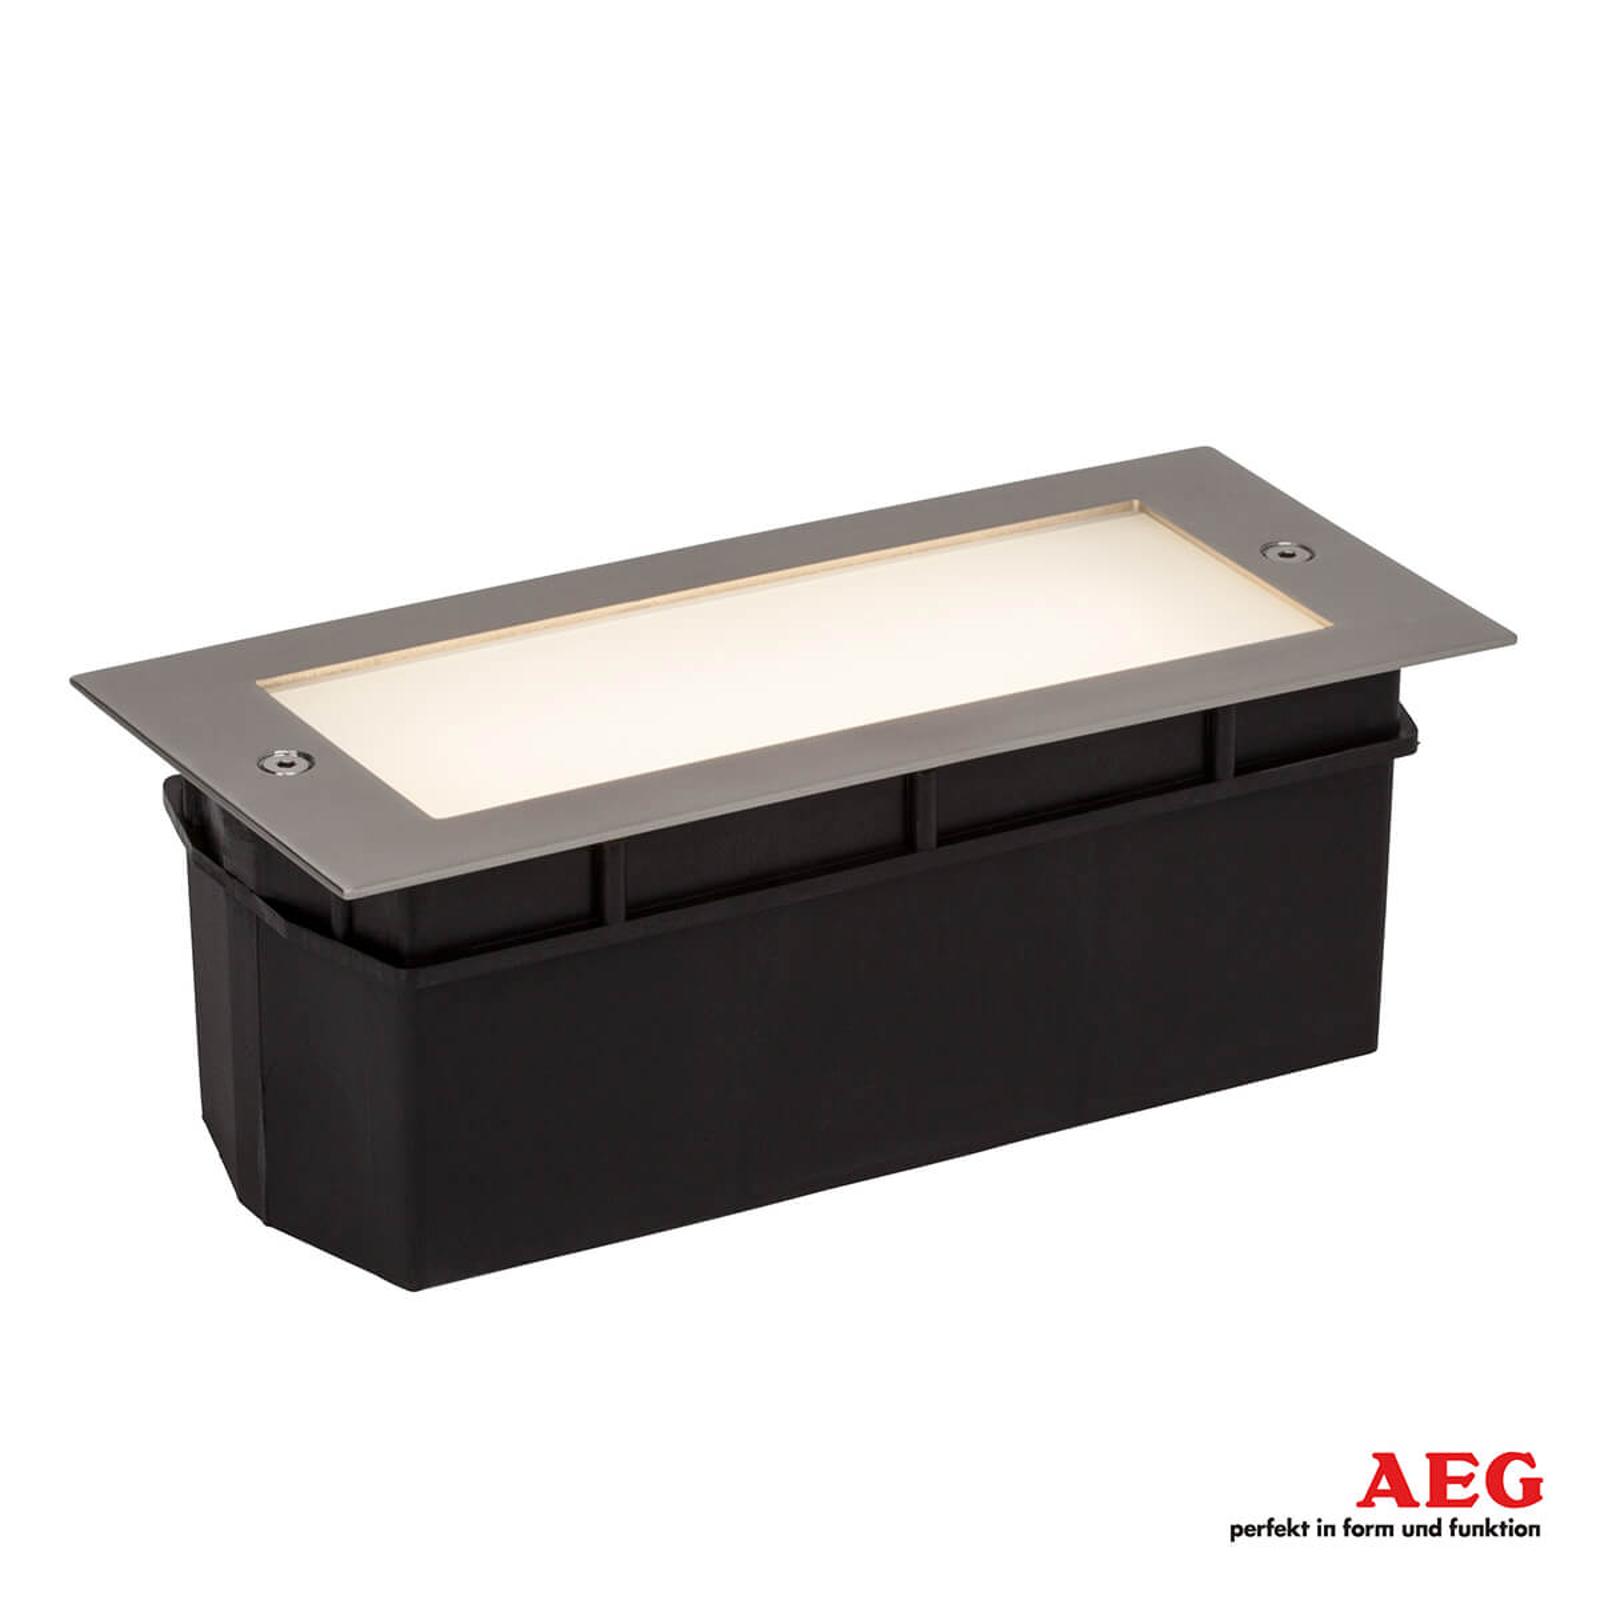 LED wand inbouwverlichting met gesatineerd glas